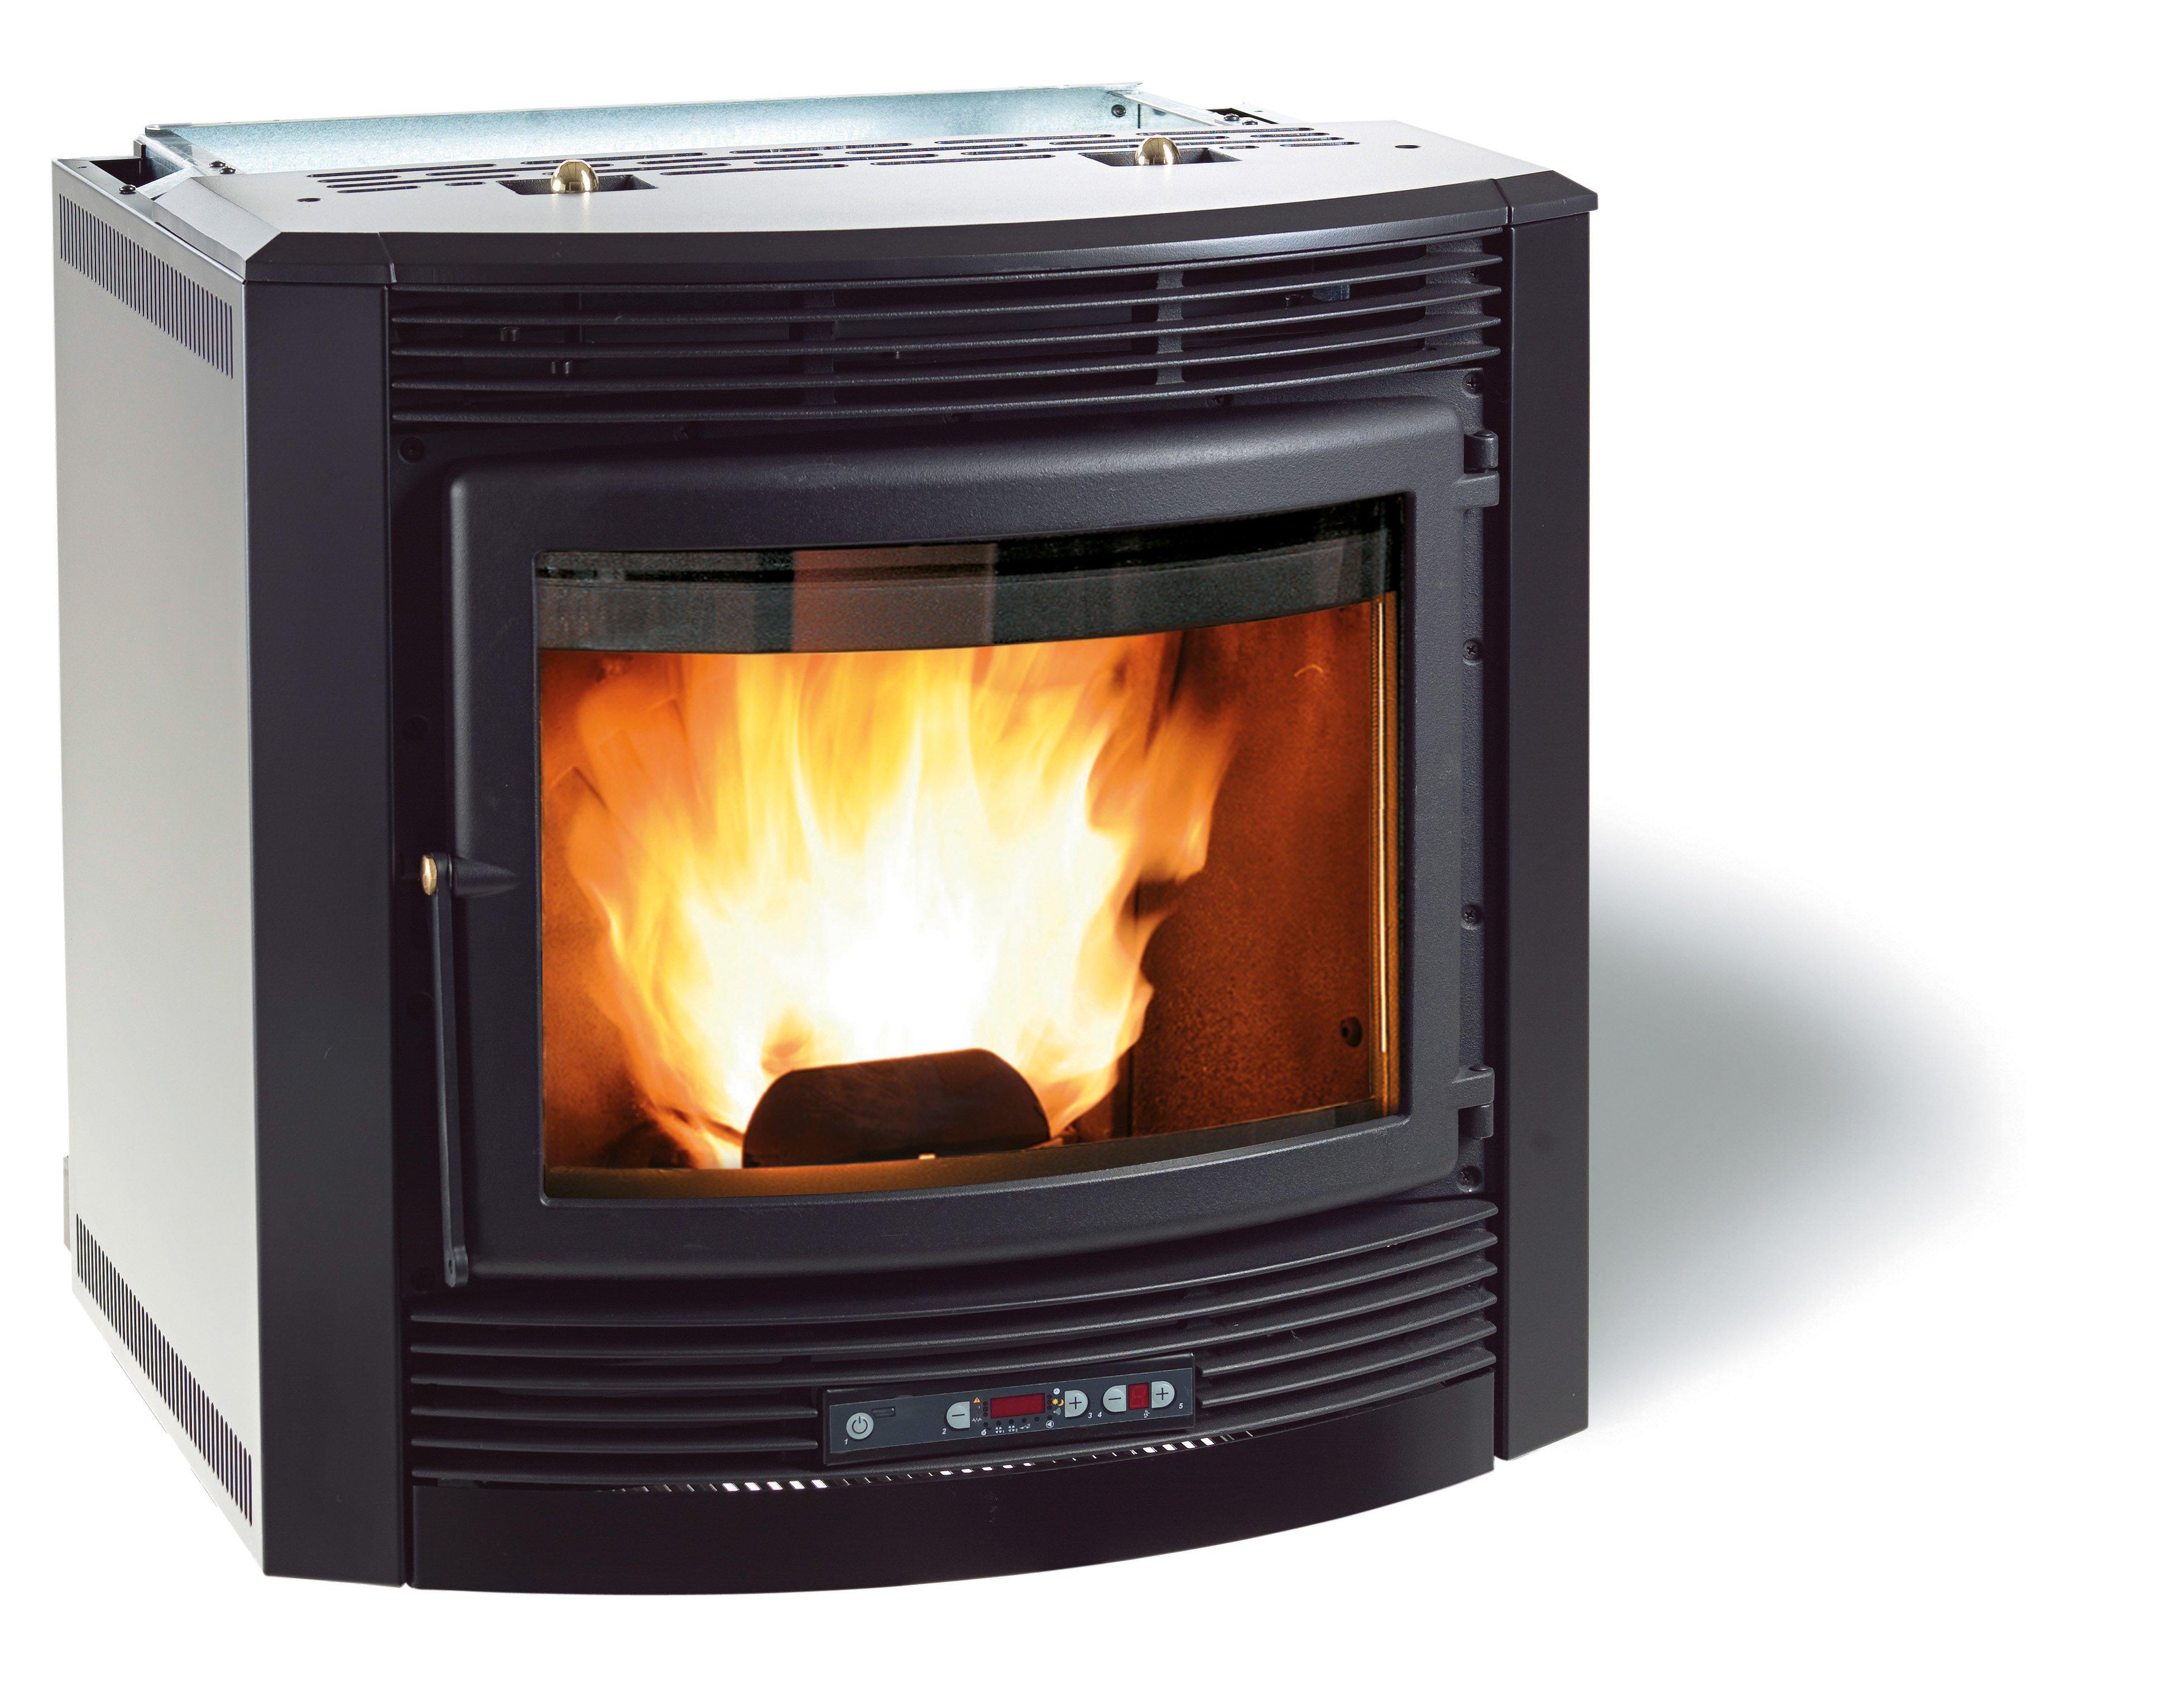 Termocamino A Pellet : Termocamini per riscaldare cose di casa